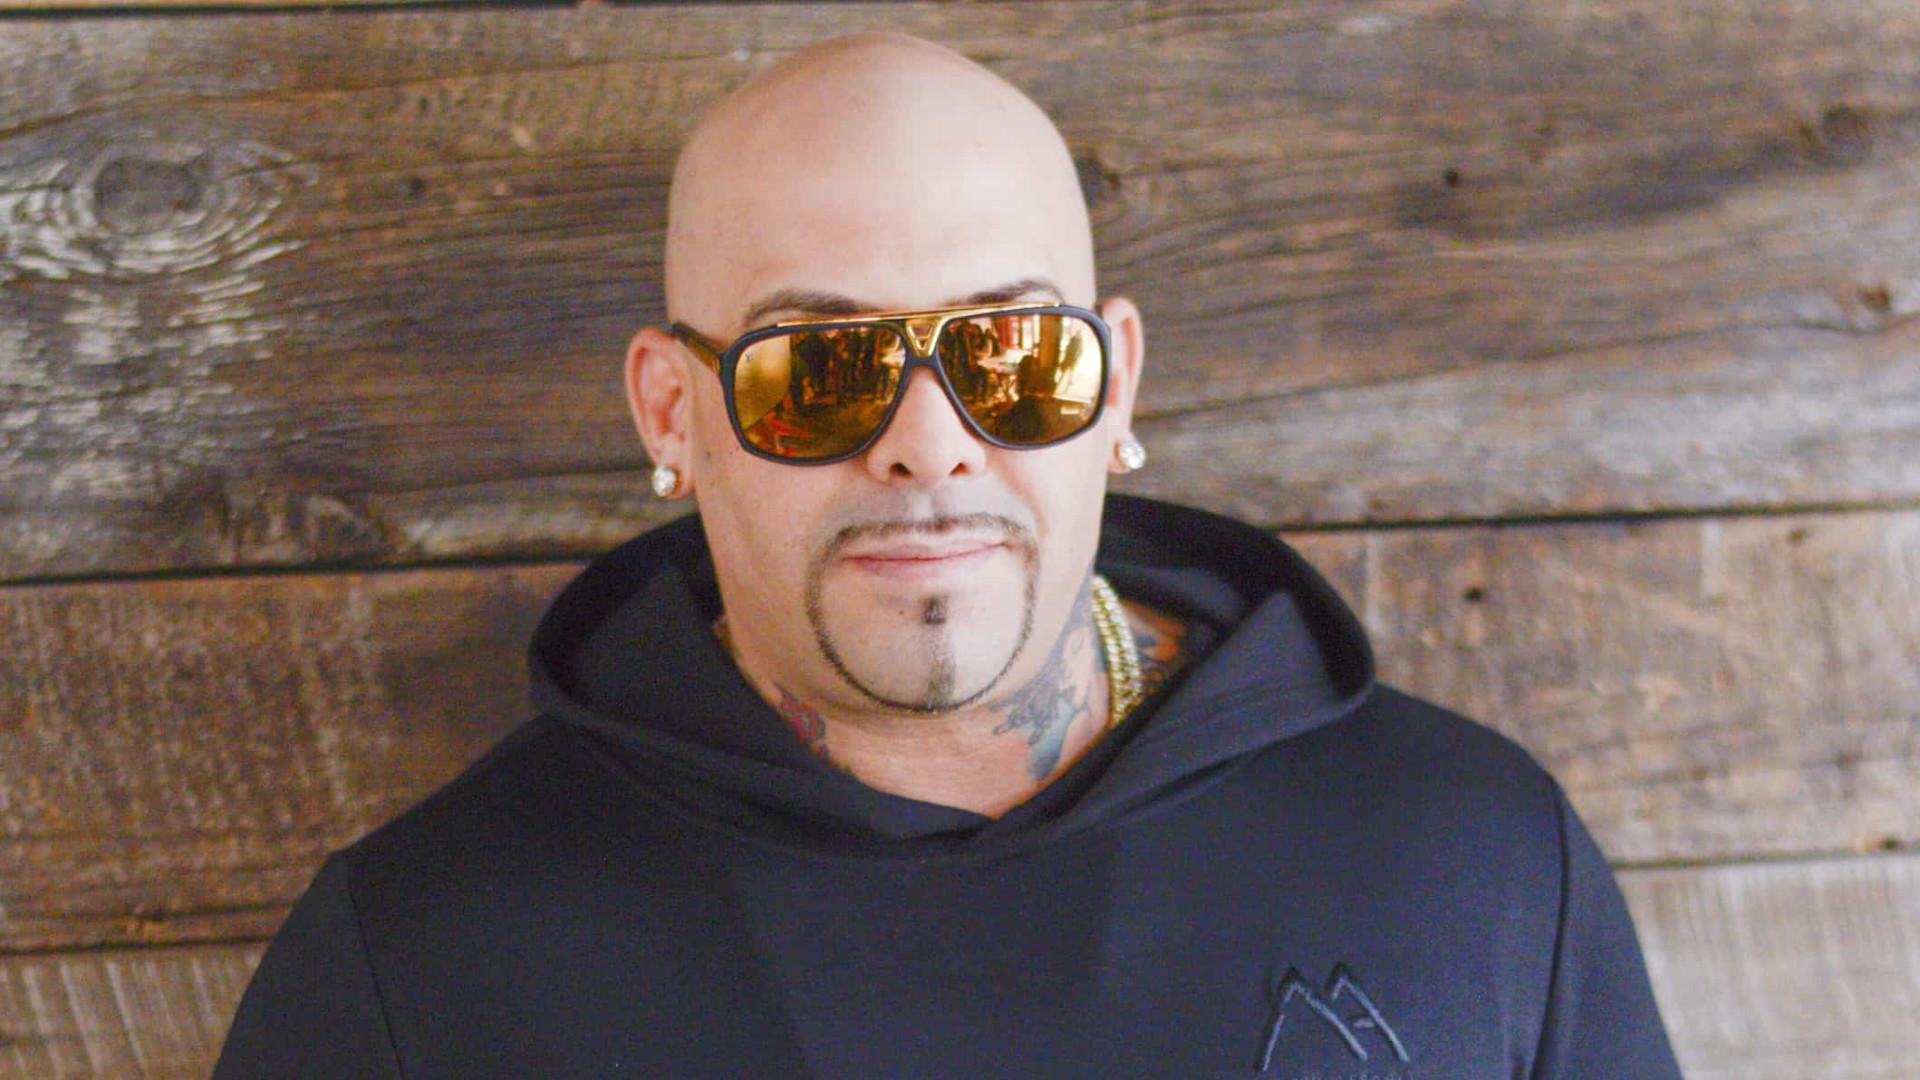 Rapper é condenado a quase 3 anos de prisão por operar rede de prostituição